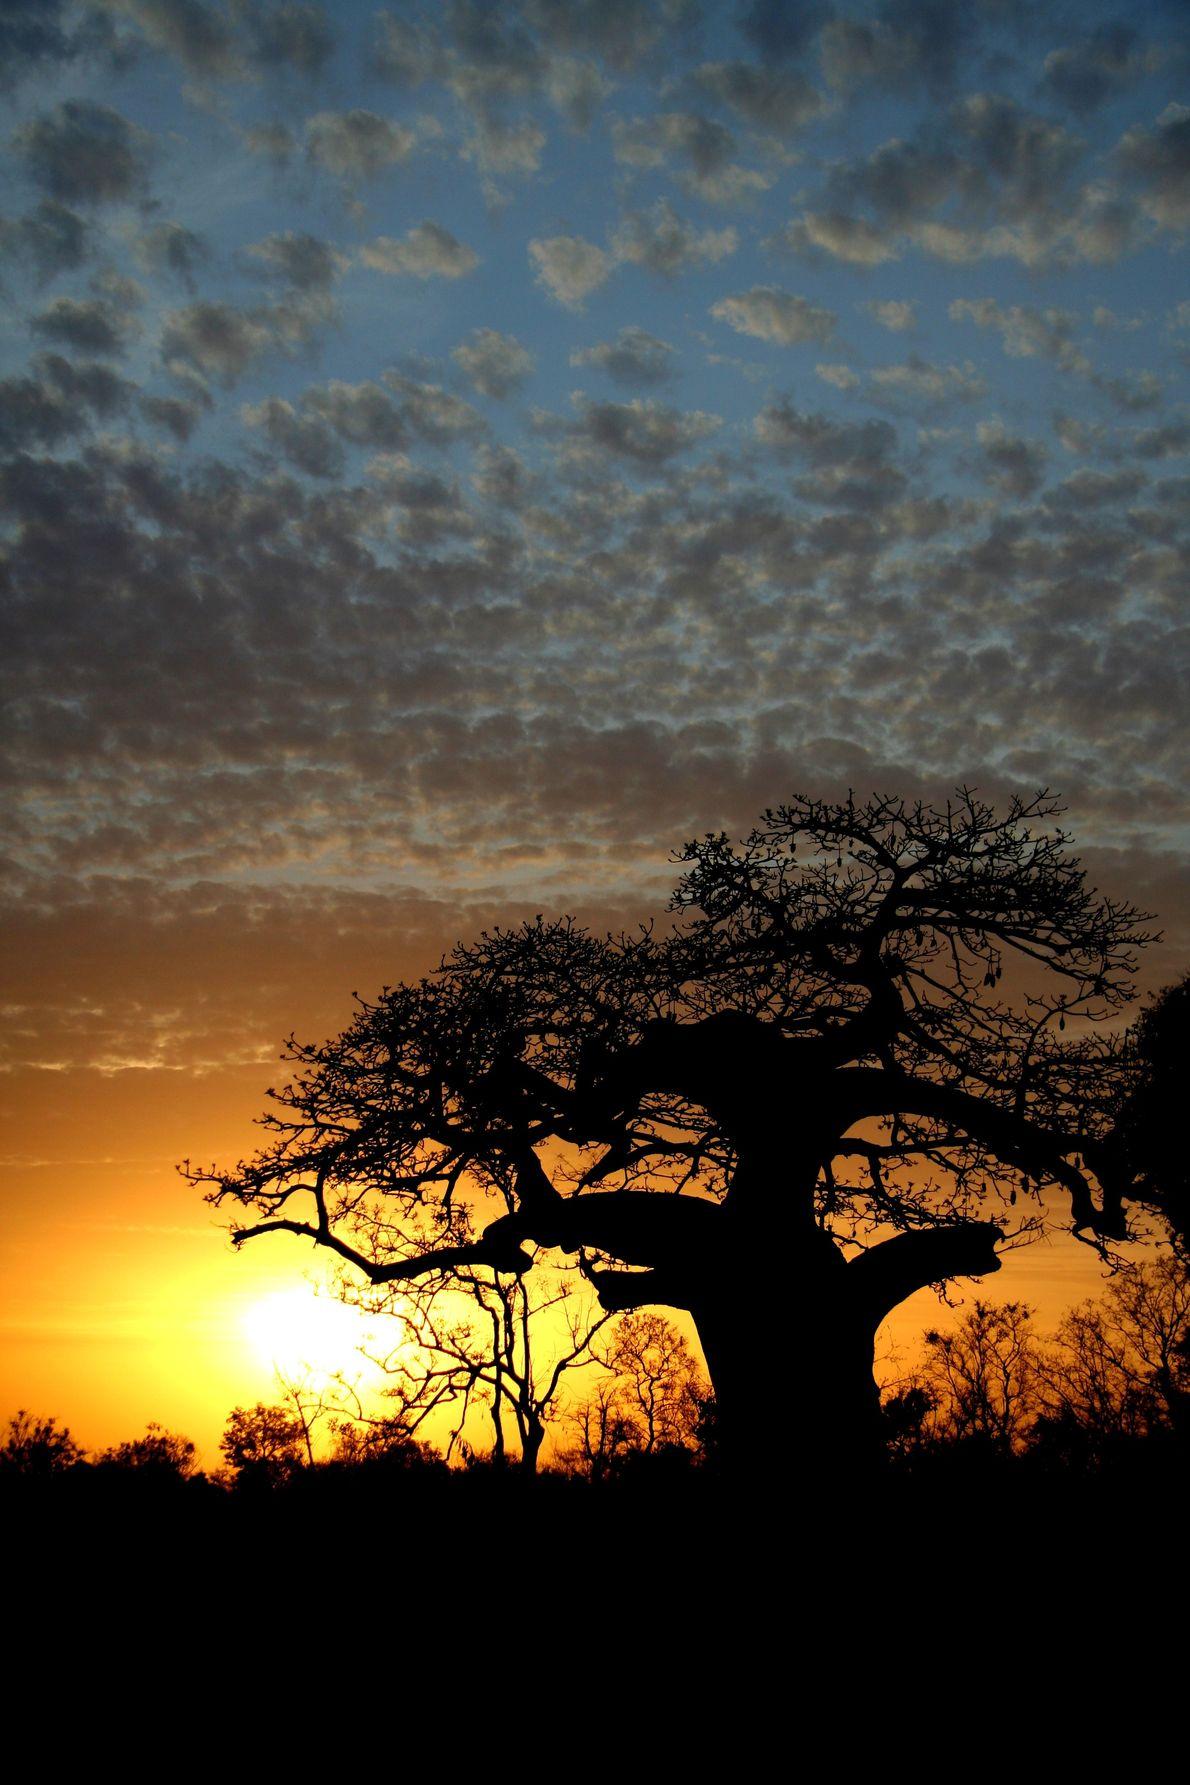 Ein einzelner Baobab hält sich wacker. Die spektakuläre Landschaft von Pendjari bietet zahlreichen Tier- und Pflanzenarten ...